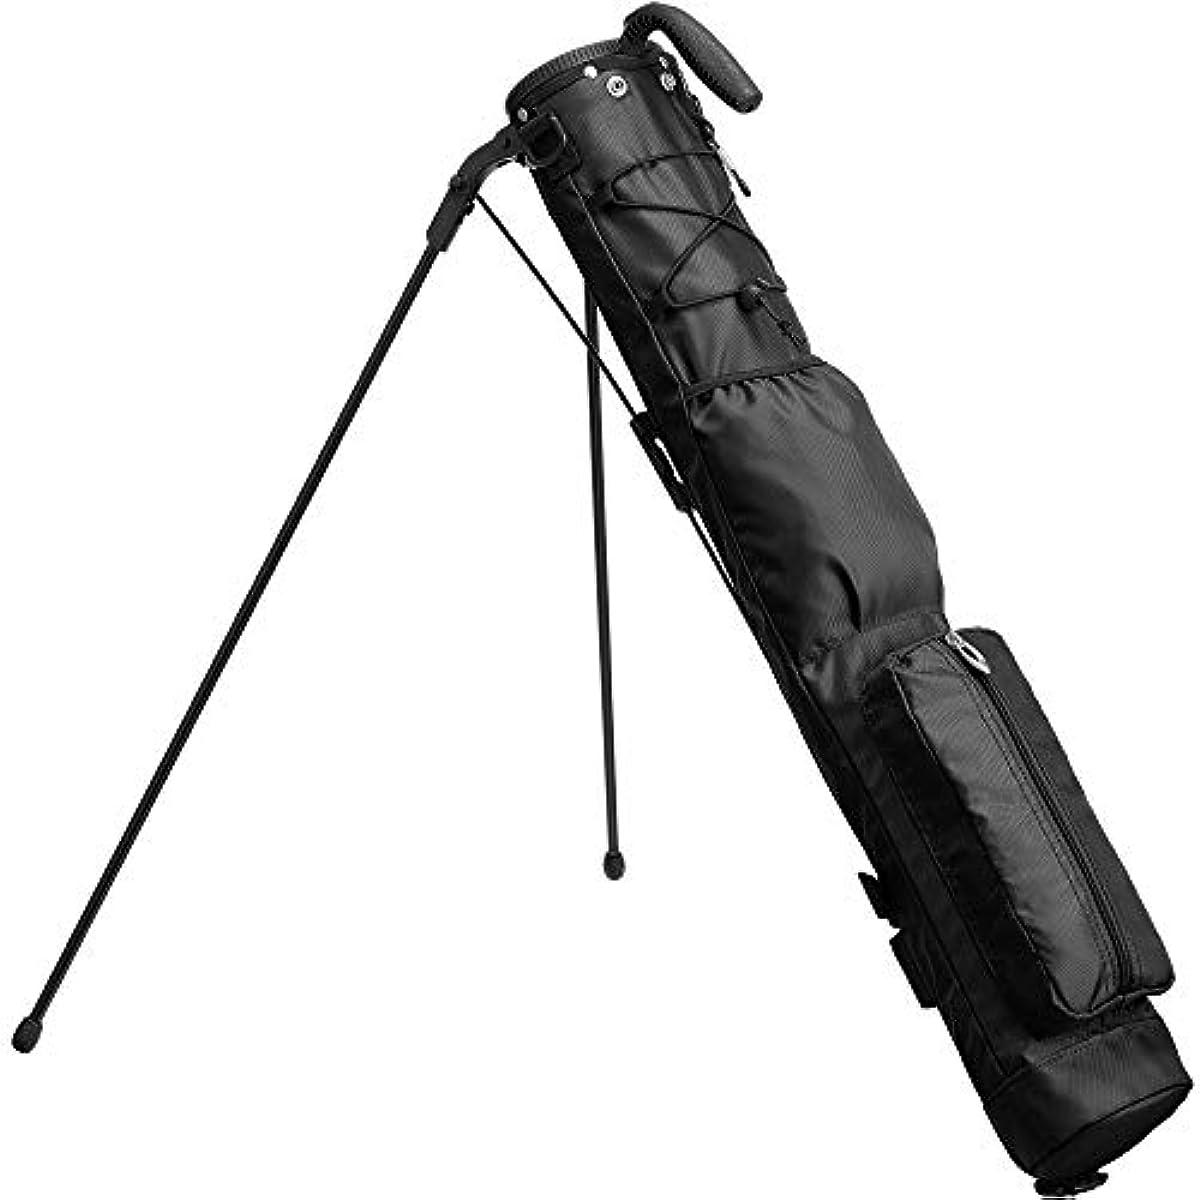 [해외] EARTH LEAD 셀프 스탠드 골프 클럽 케이스 클럽 케이스 후드 대형 포켓 첨부 와 초경량 저 중심 안정감 발군 BASIC